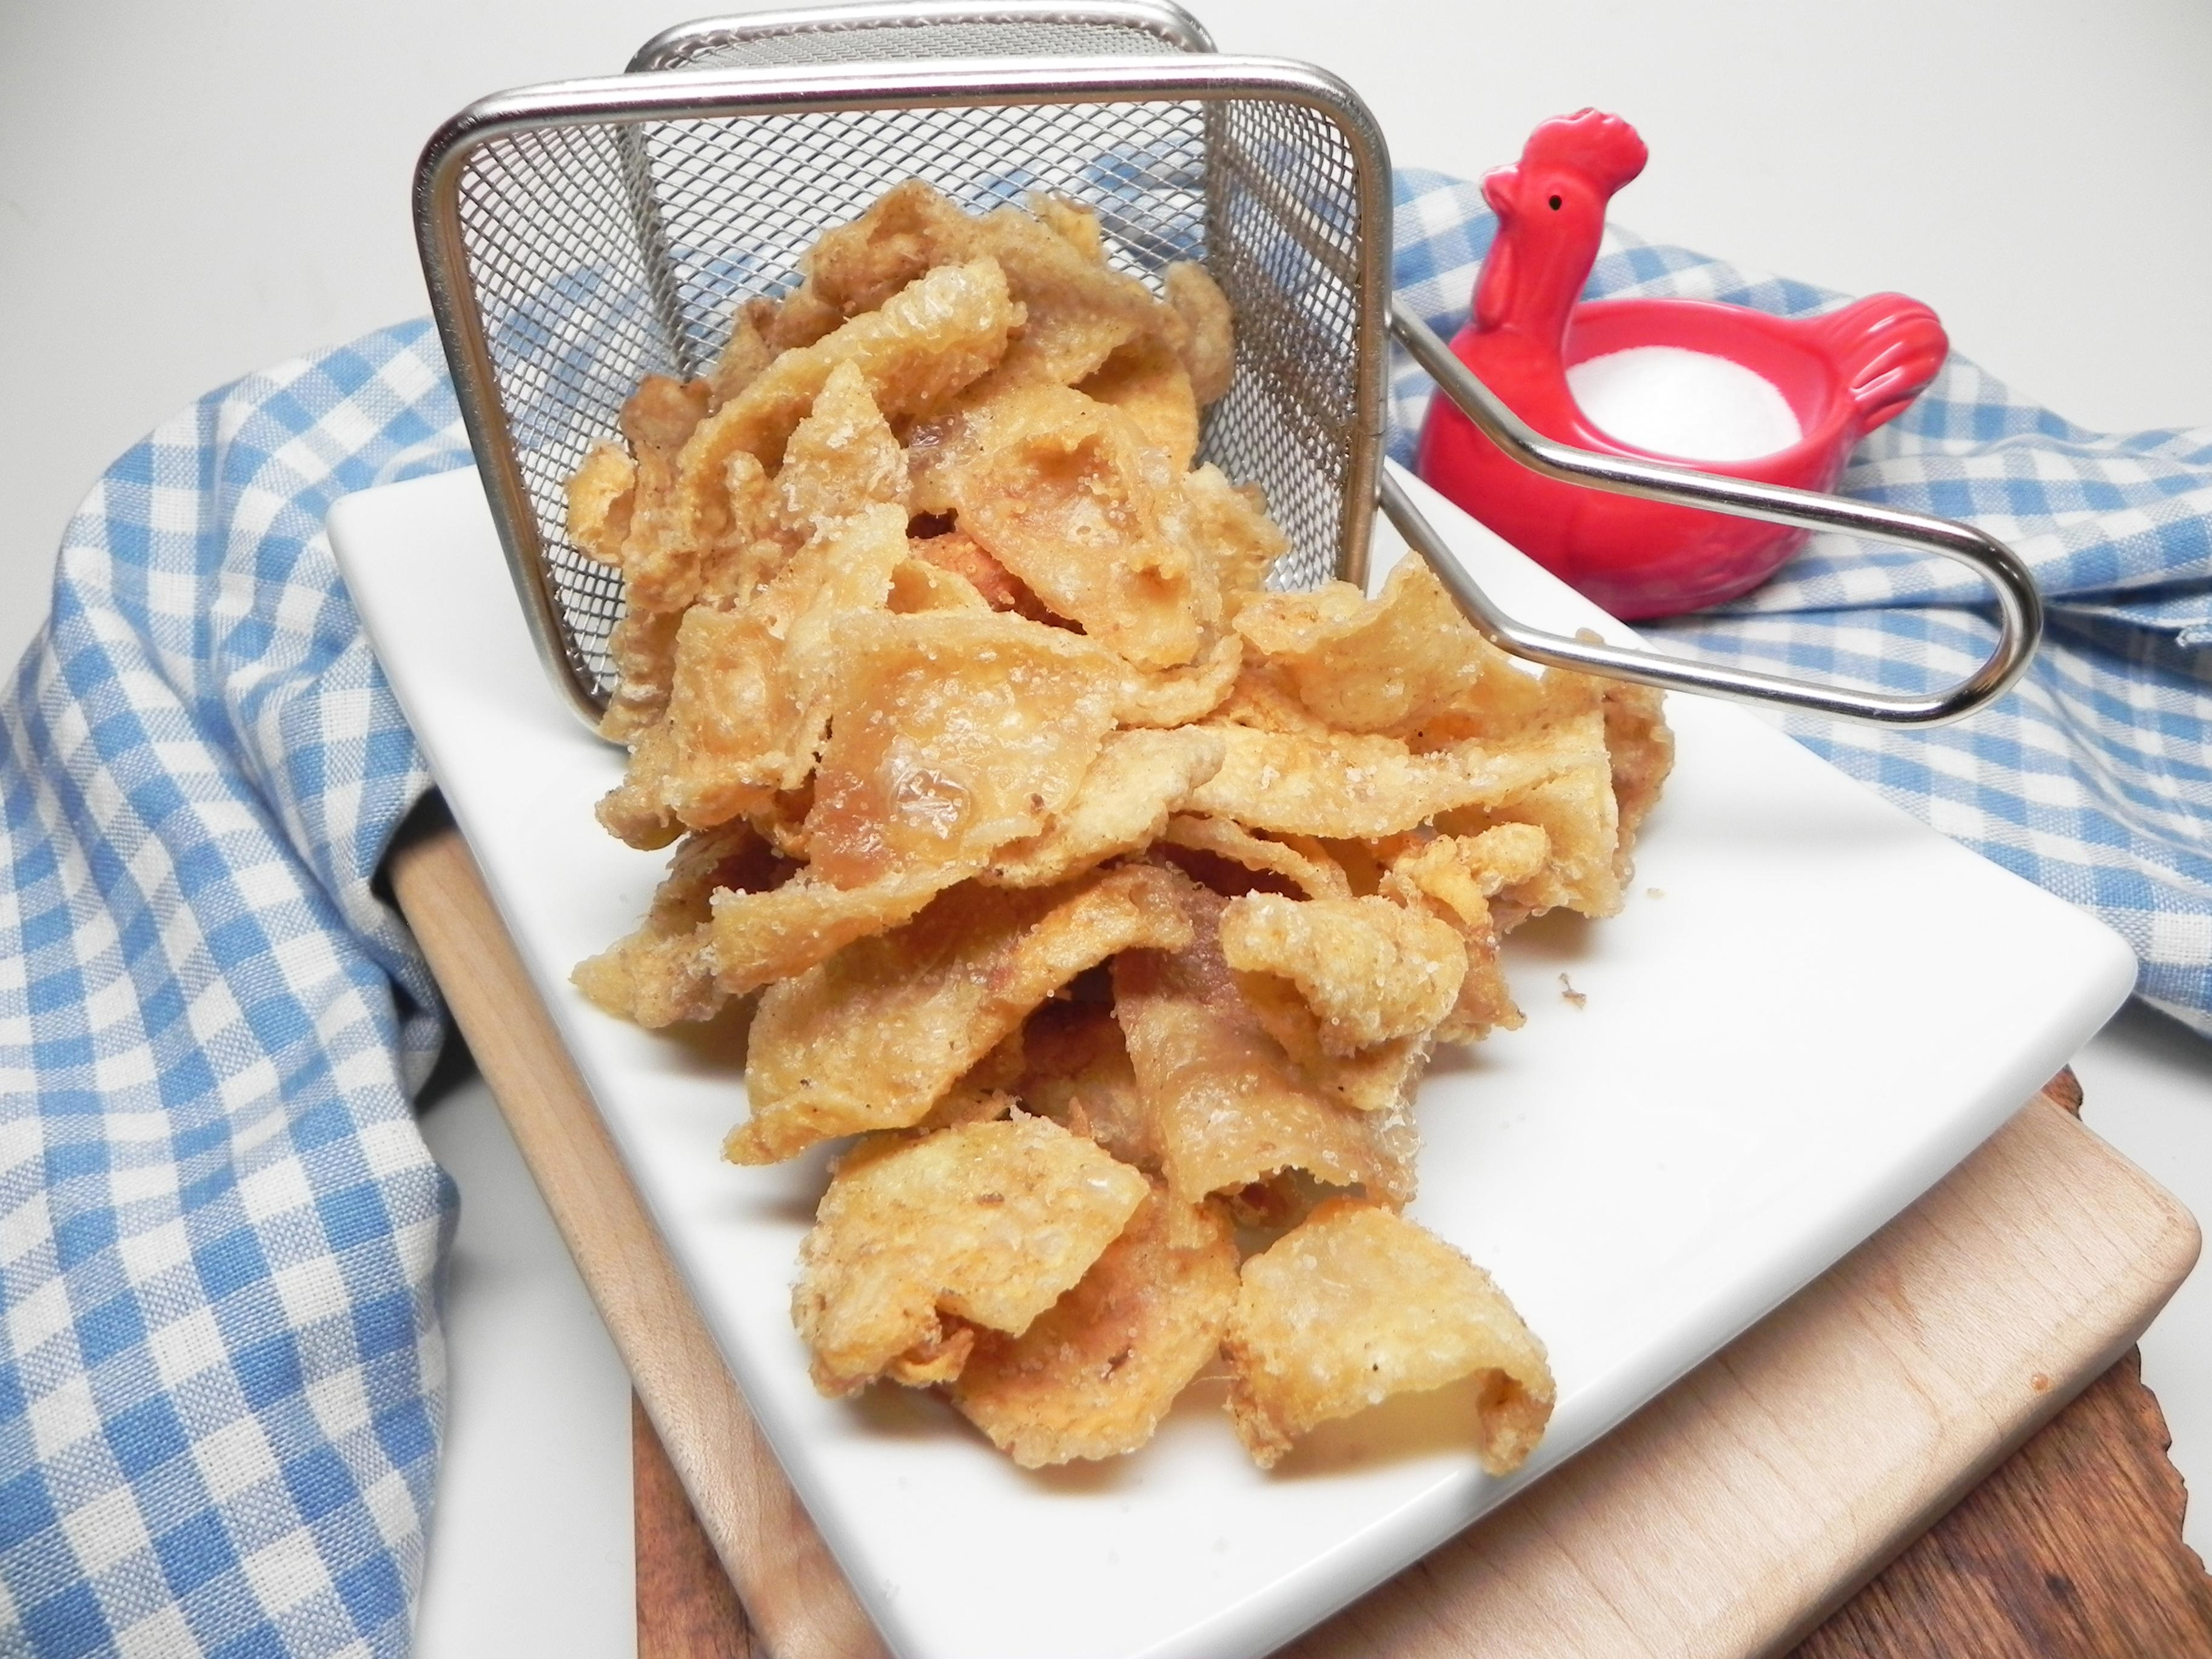 Chicrackling (Fried Chicken Skin)